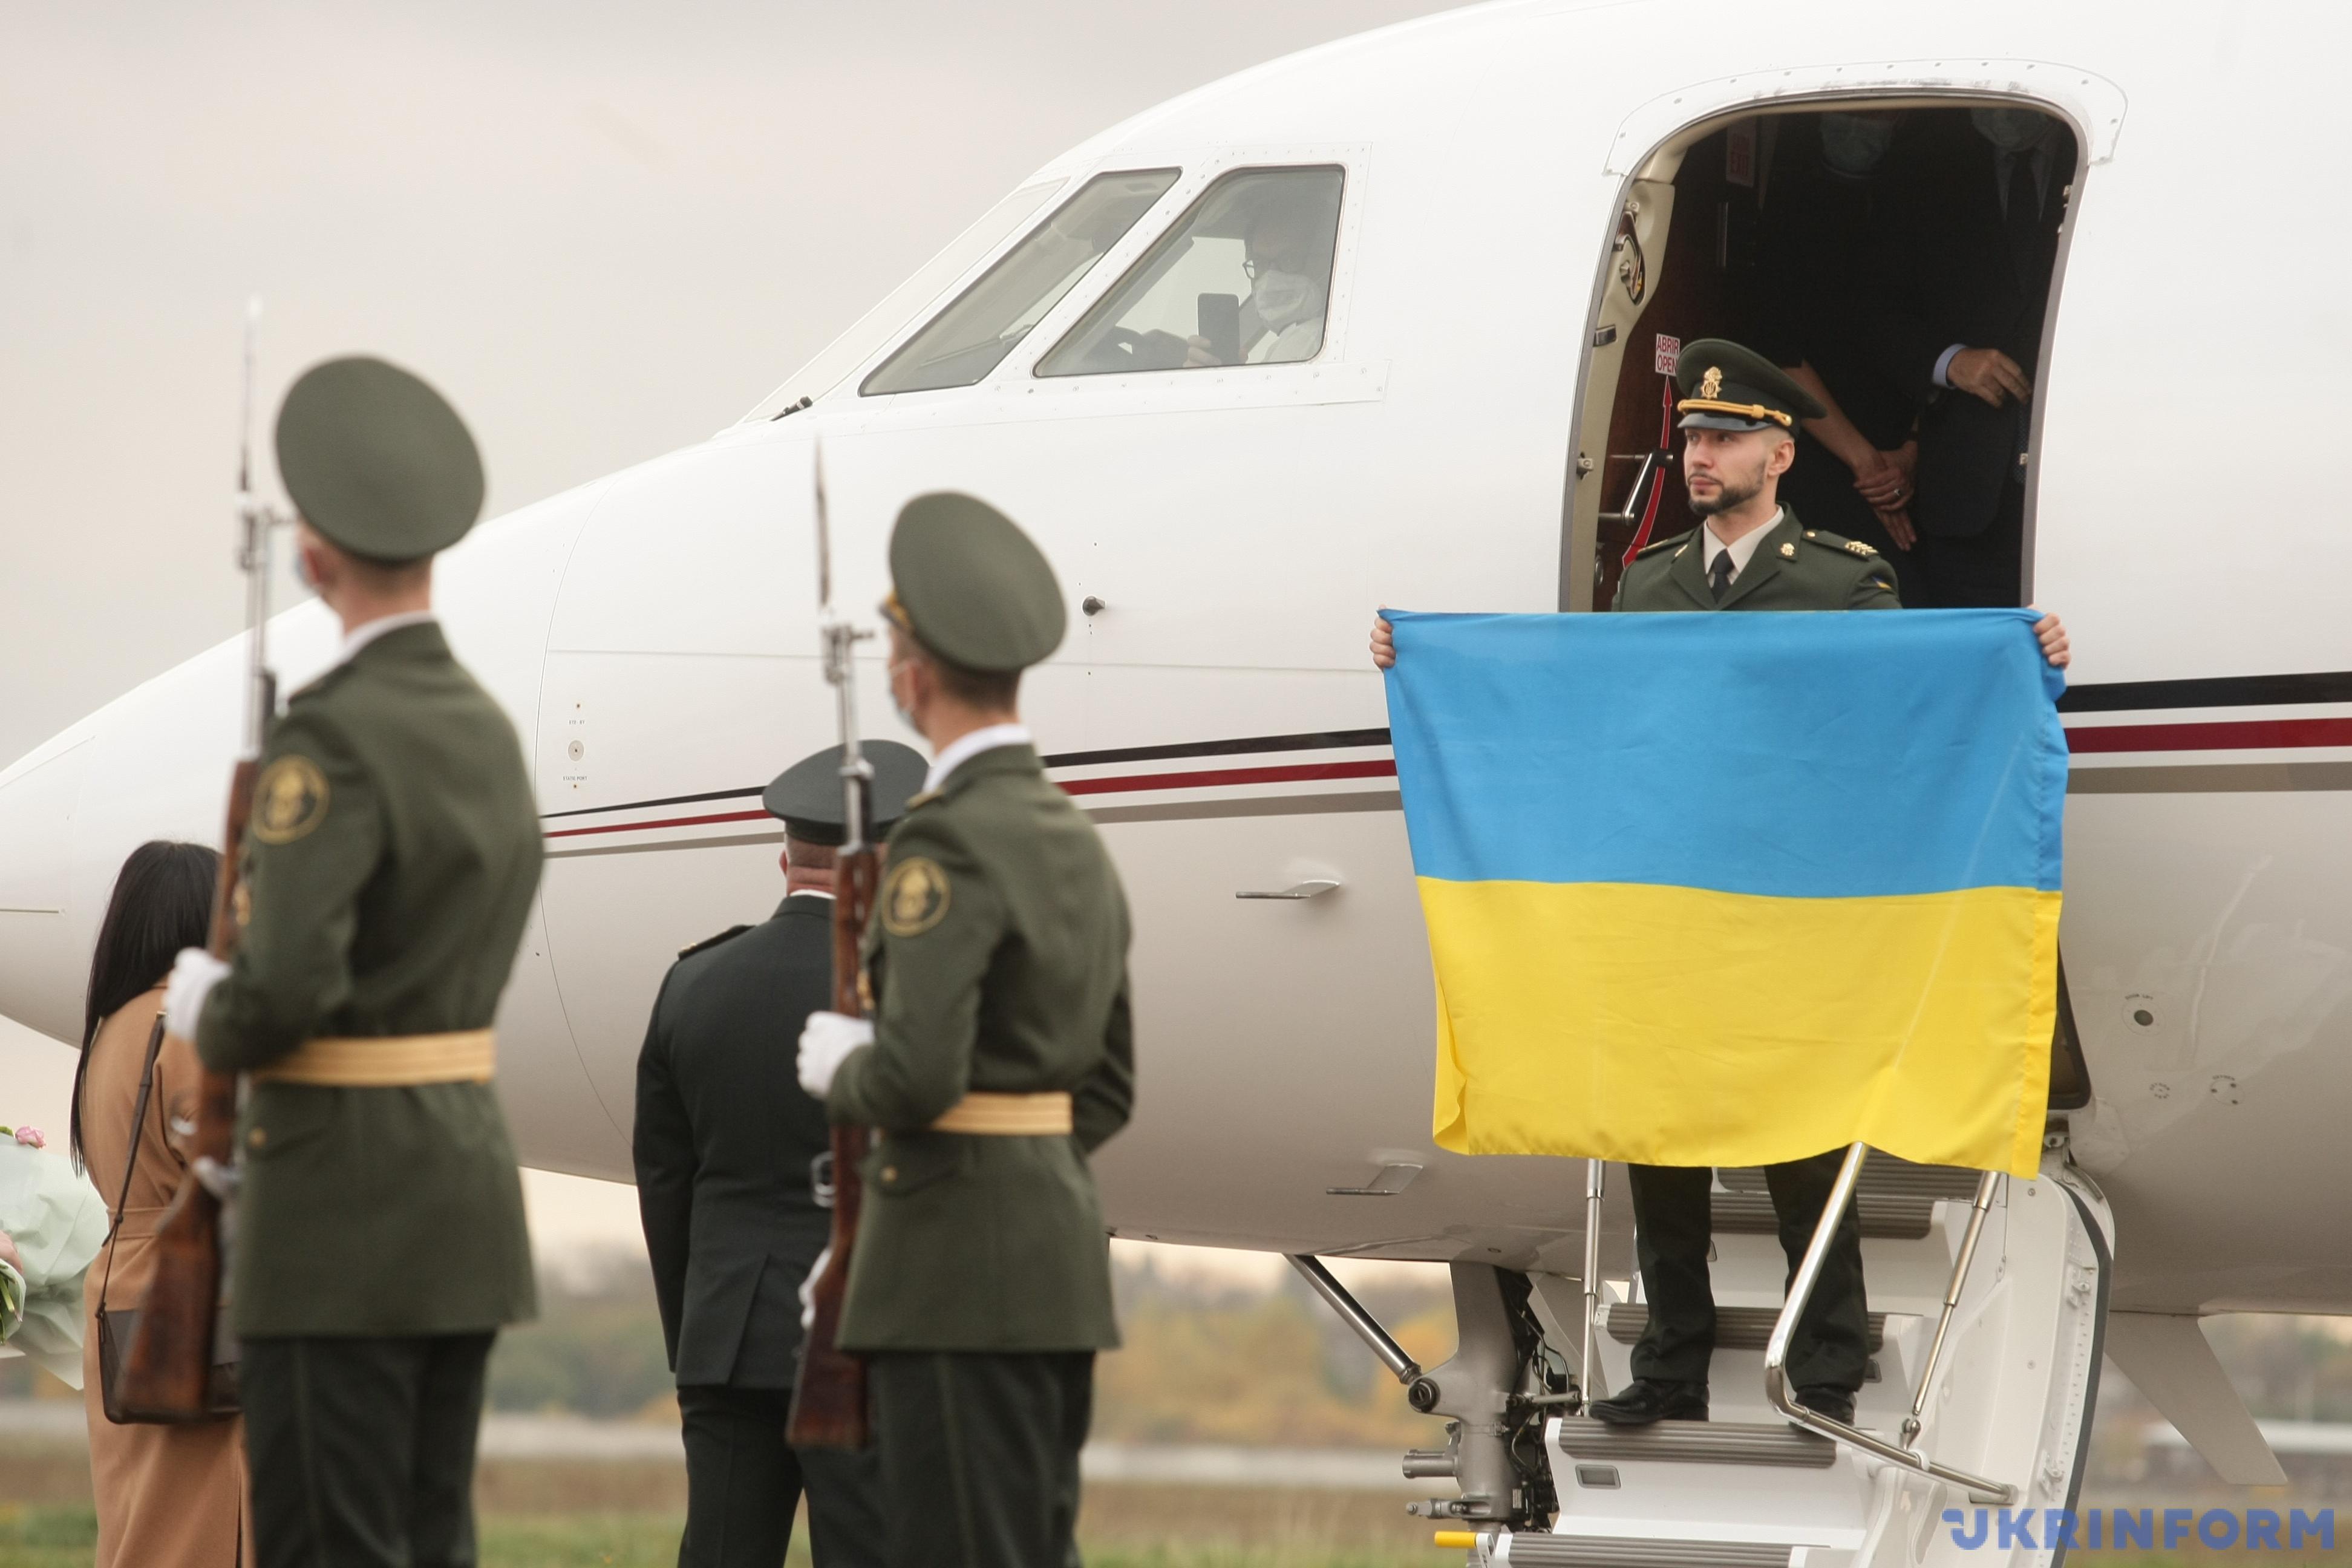 Виталий Маркив вернулся в Украину / Фото: Евгений Котенко, Укринформ